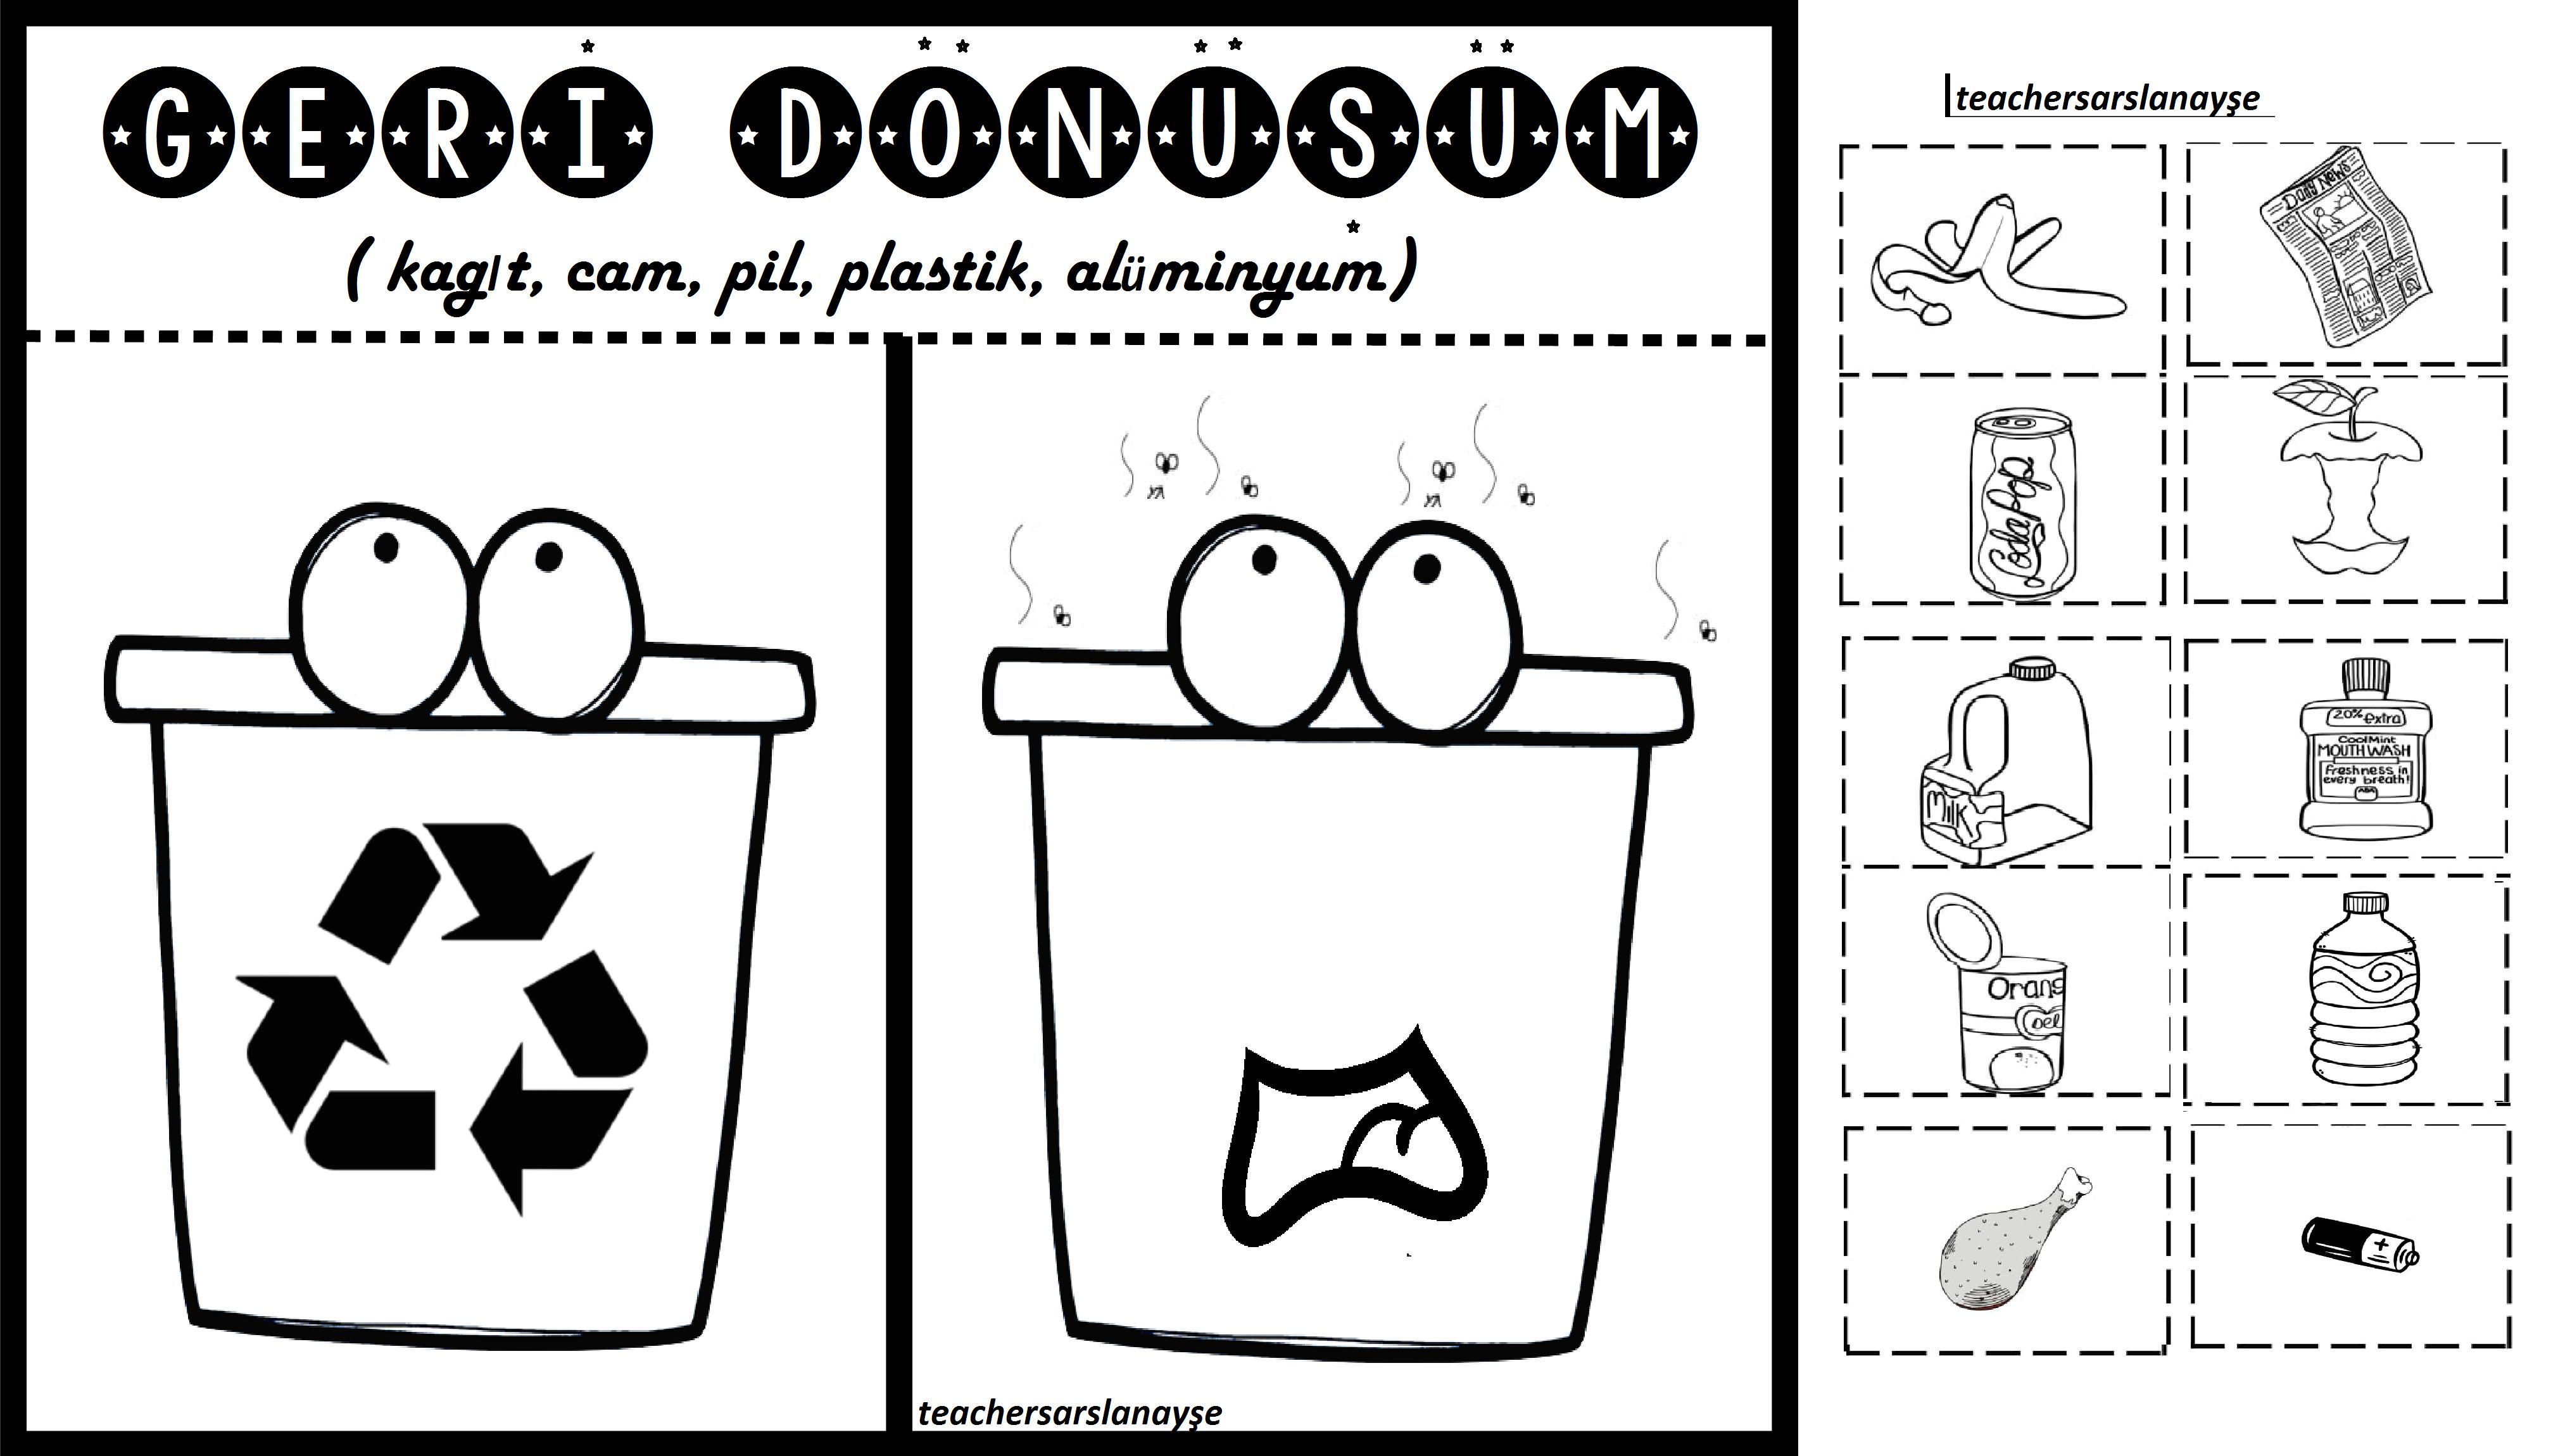 97 En Iyi Geri Dönüşüm Görüntüsü 2019 Environment Recycling Ve